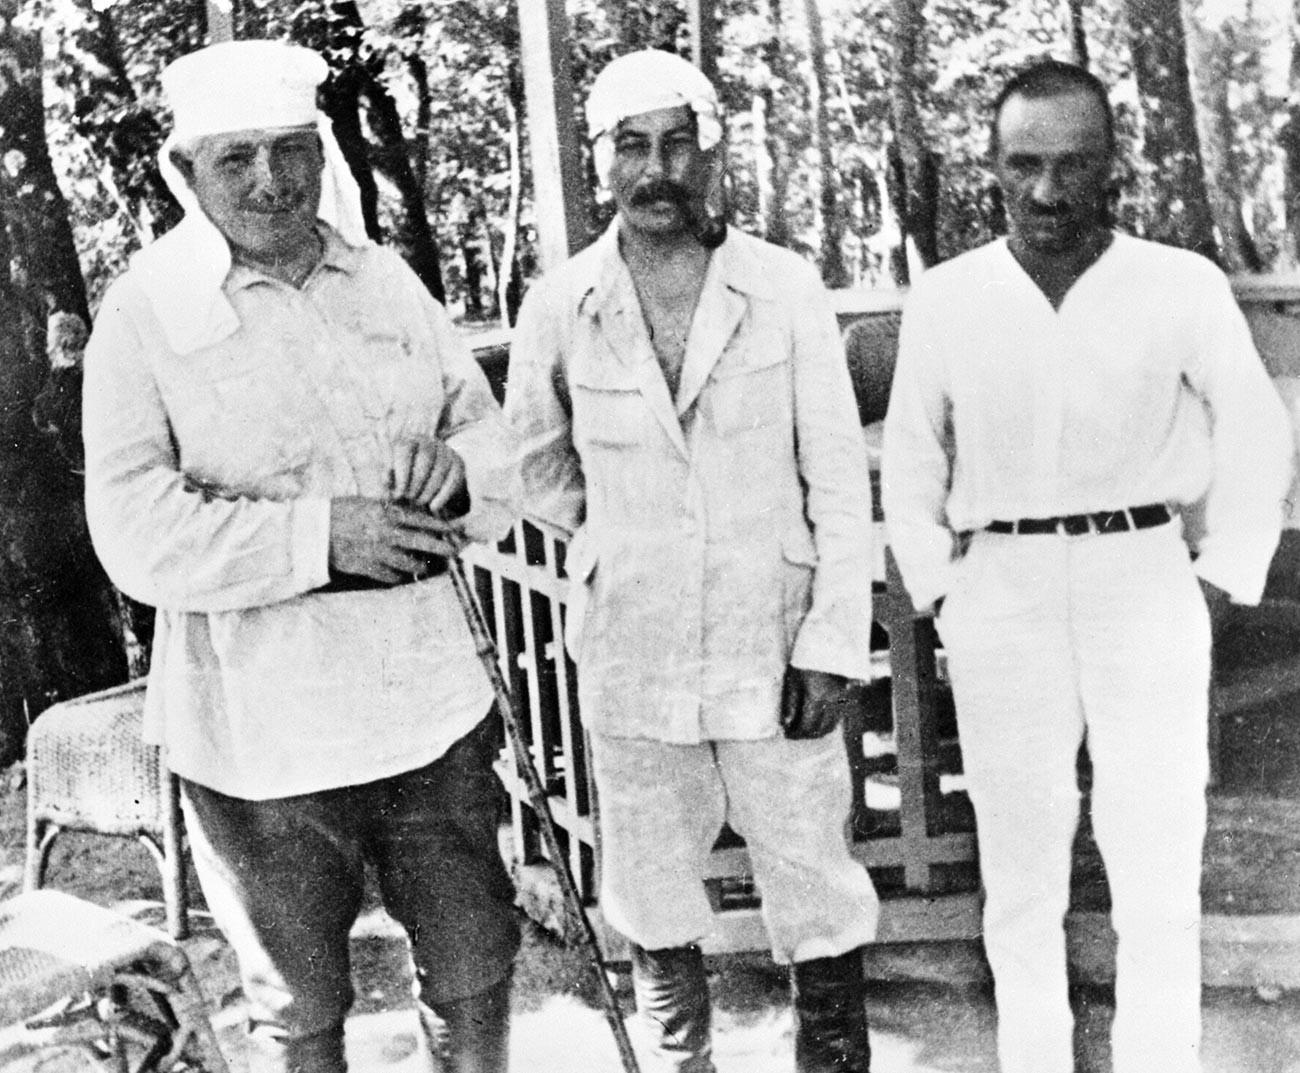 Йосиф Сталин (в центъра) и Анастас Микоян (вдясно) на почивка.